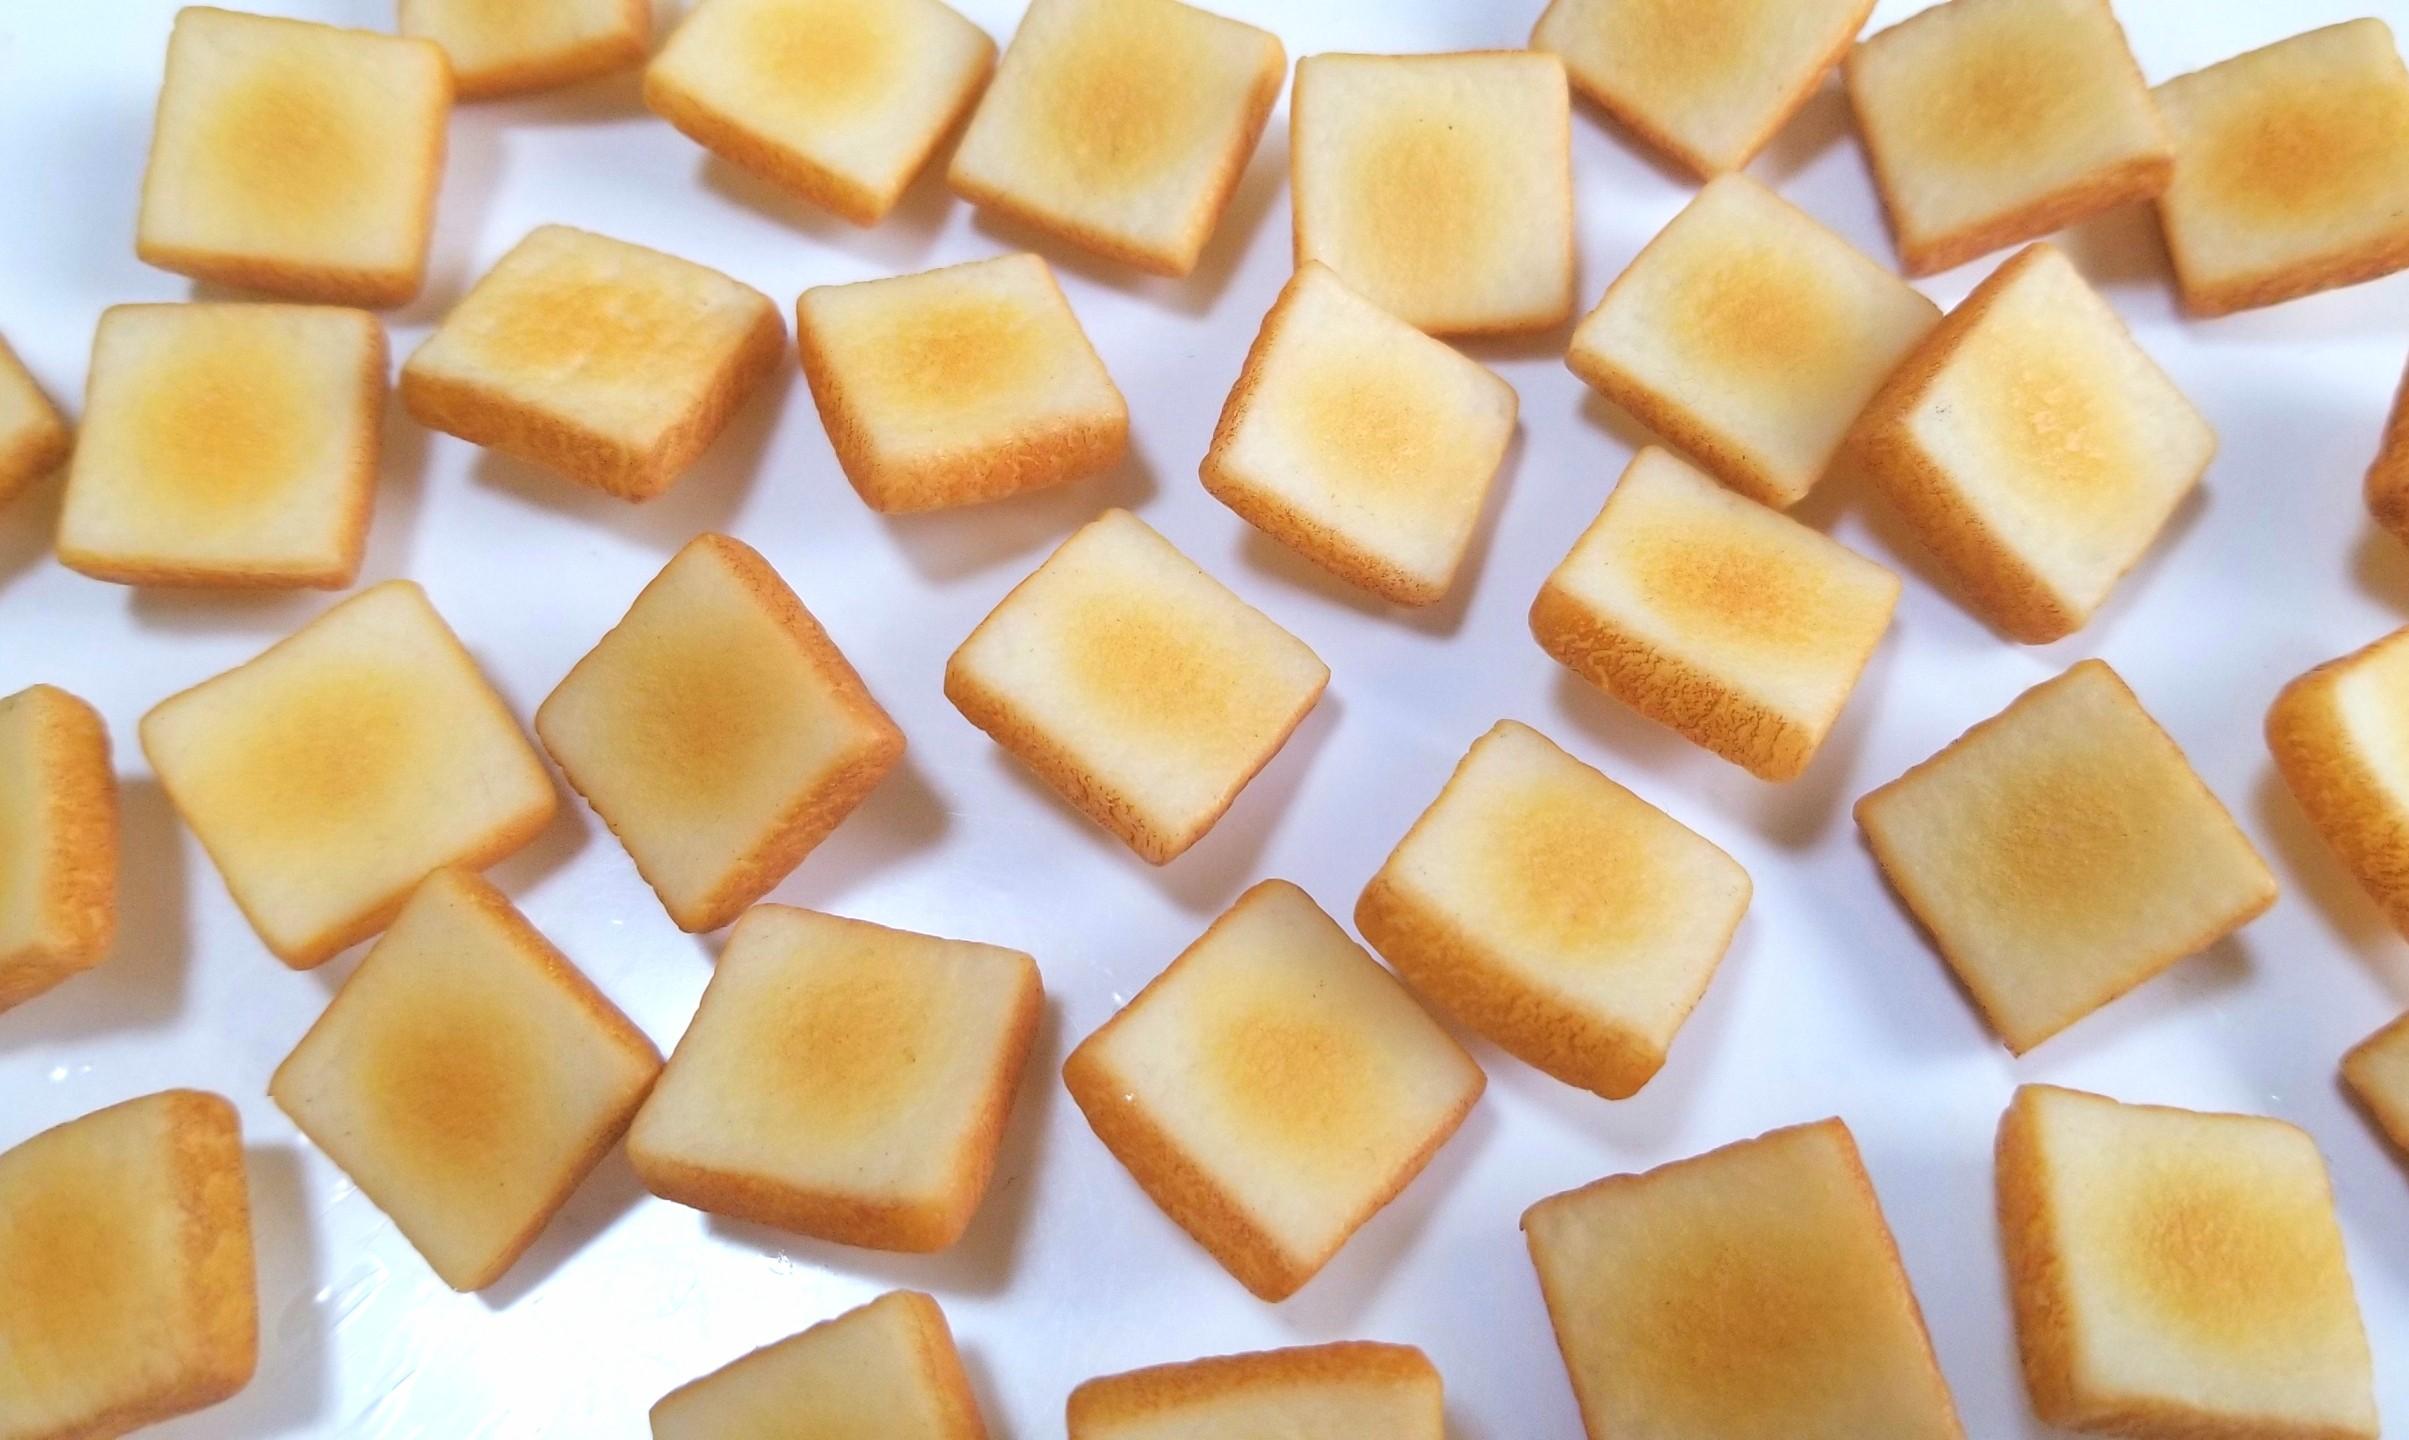 ミニチュア,食パン,トースト,作り方,シルバニア,樹脂粘土,フェイク